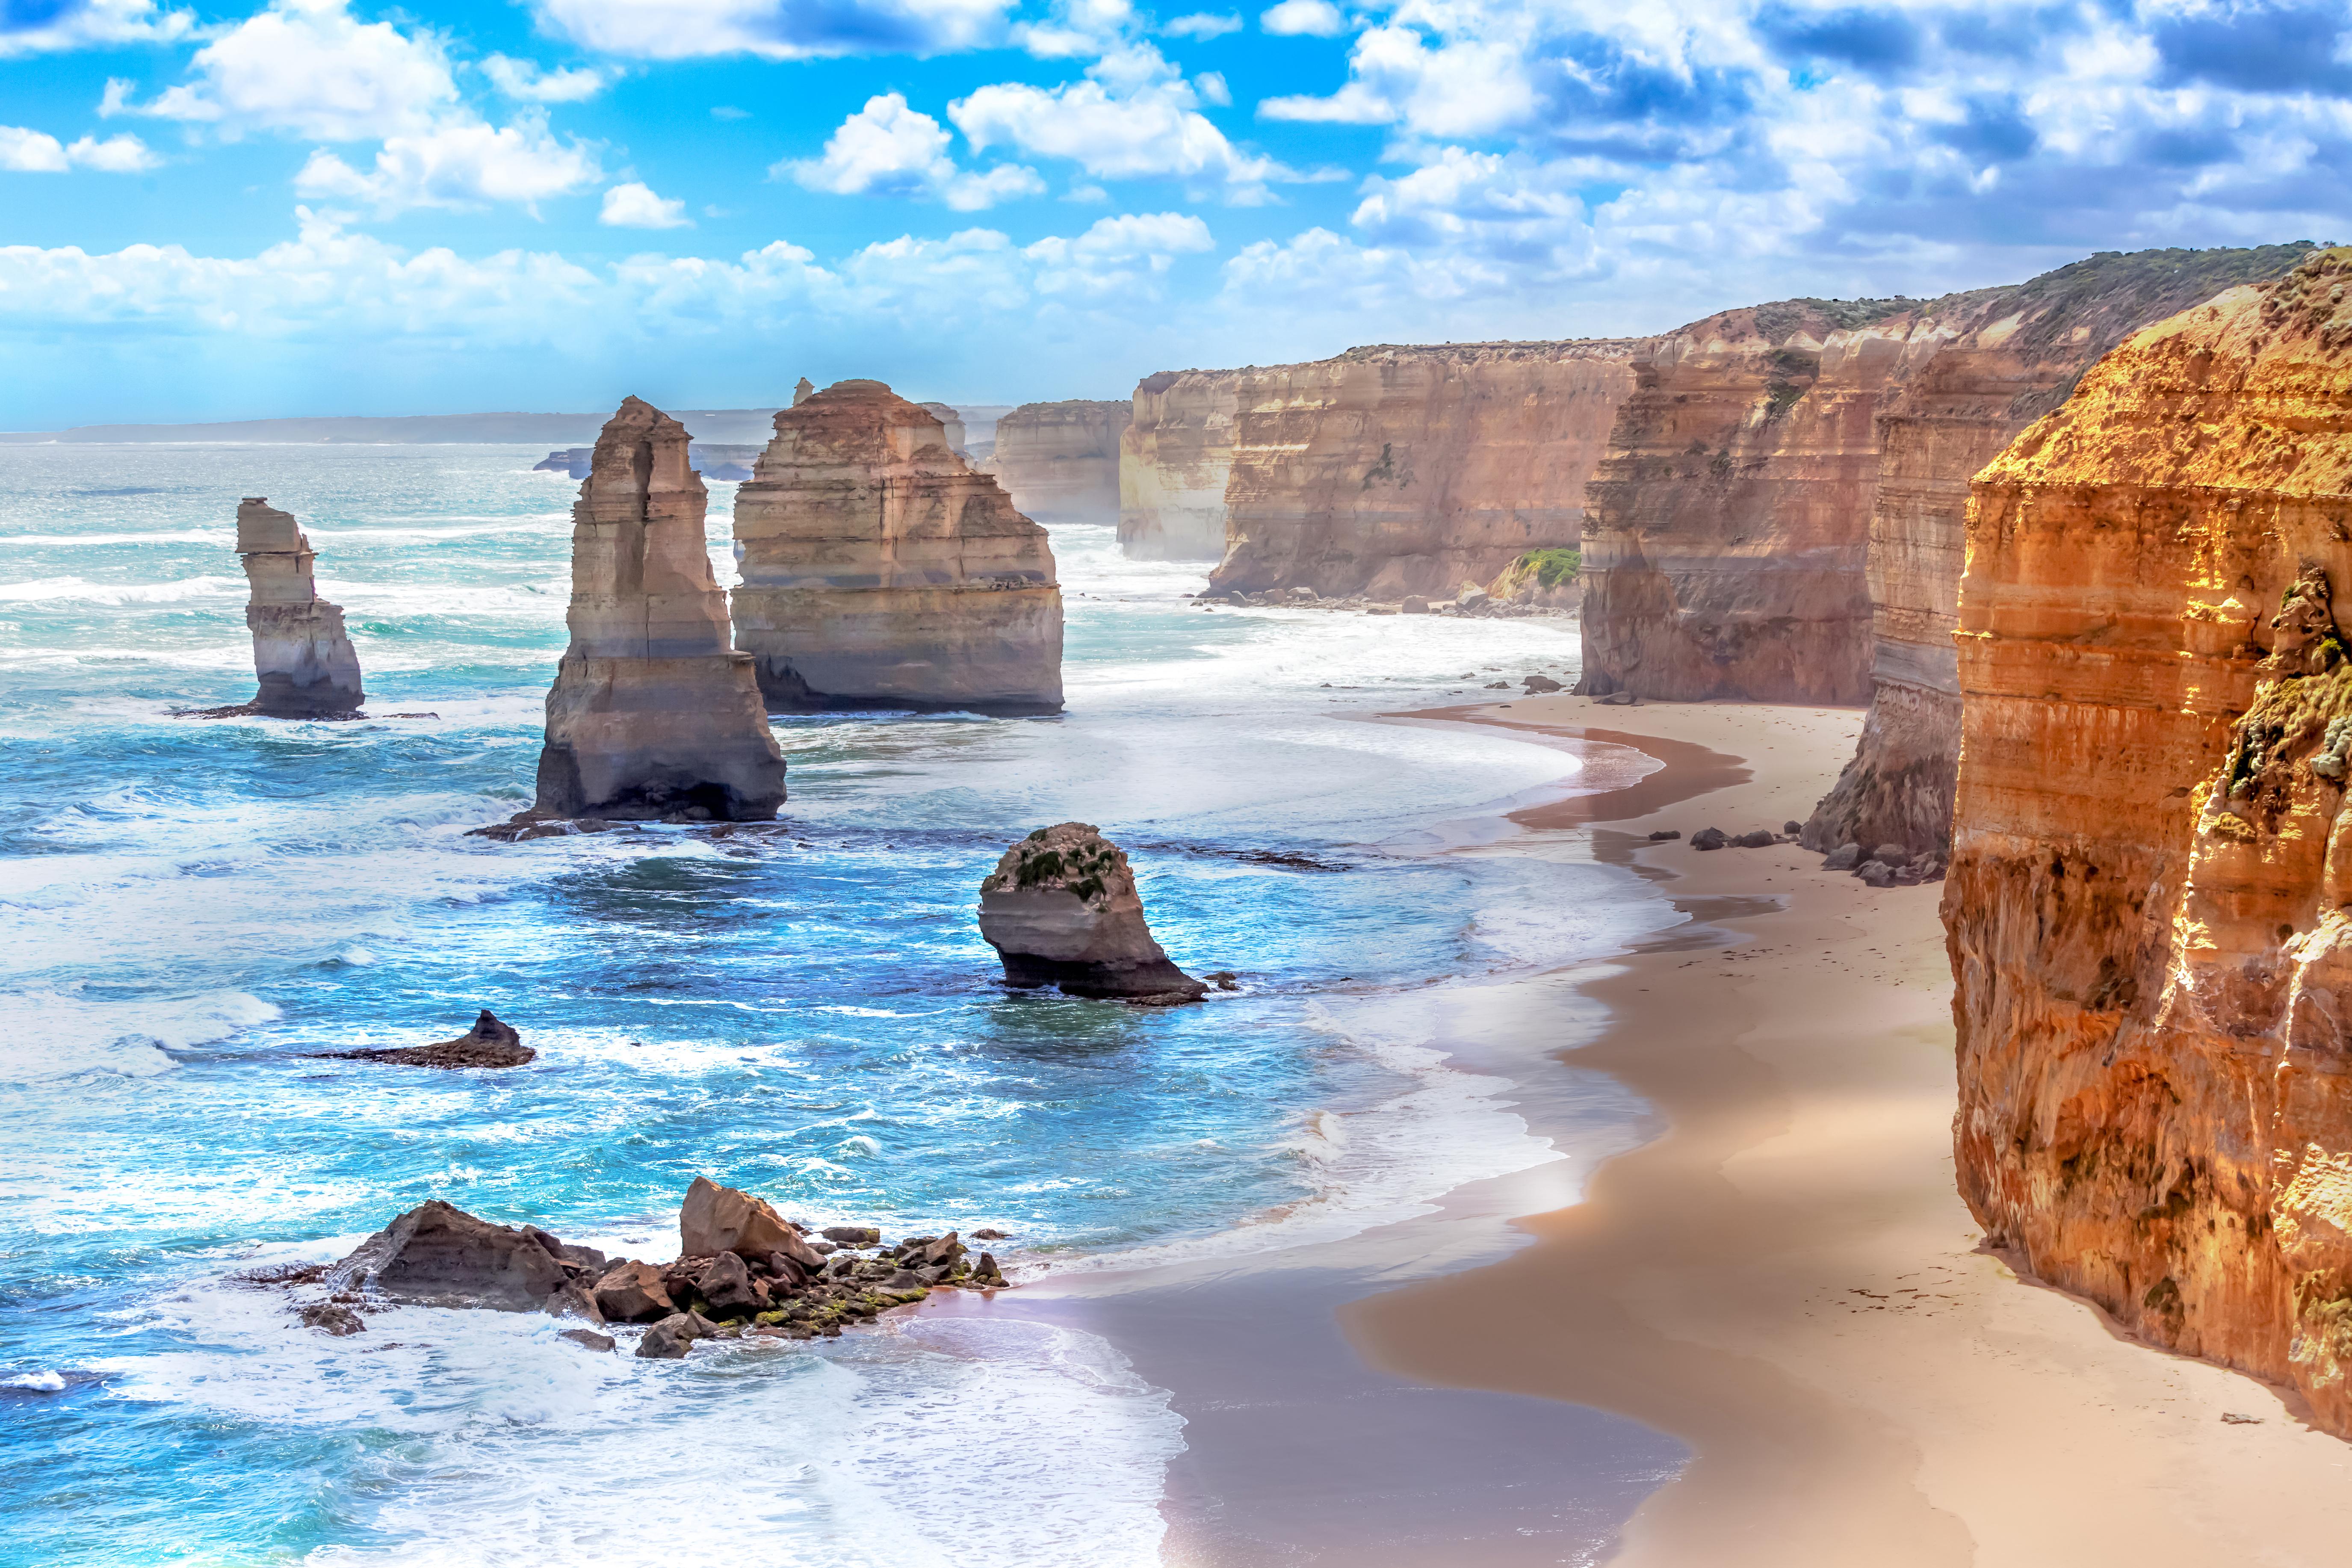 Вид на побережье Австралии, куда можно переехать из стран СНГ